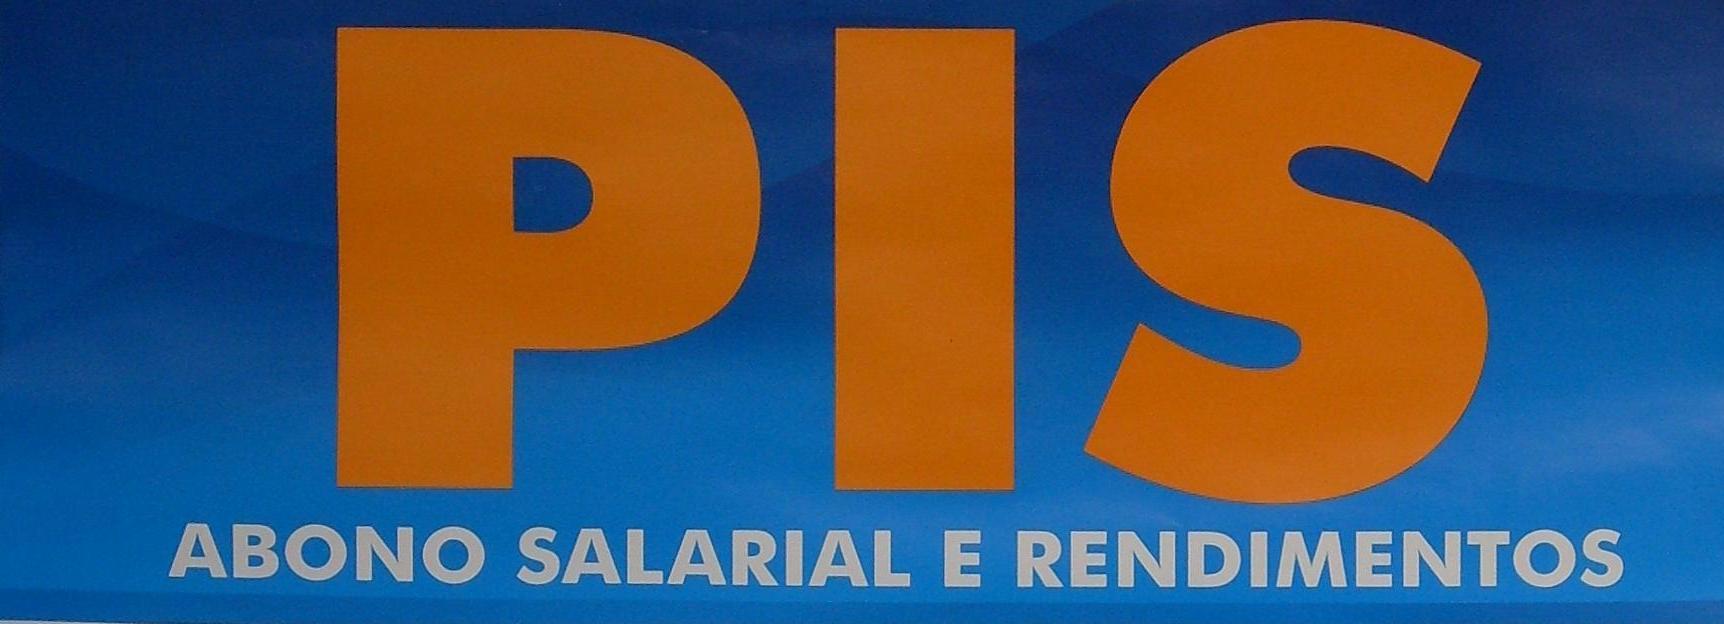 Abono Salarial 2010- O Que È? E Quem Pode Receber?